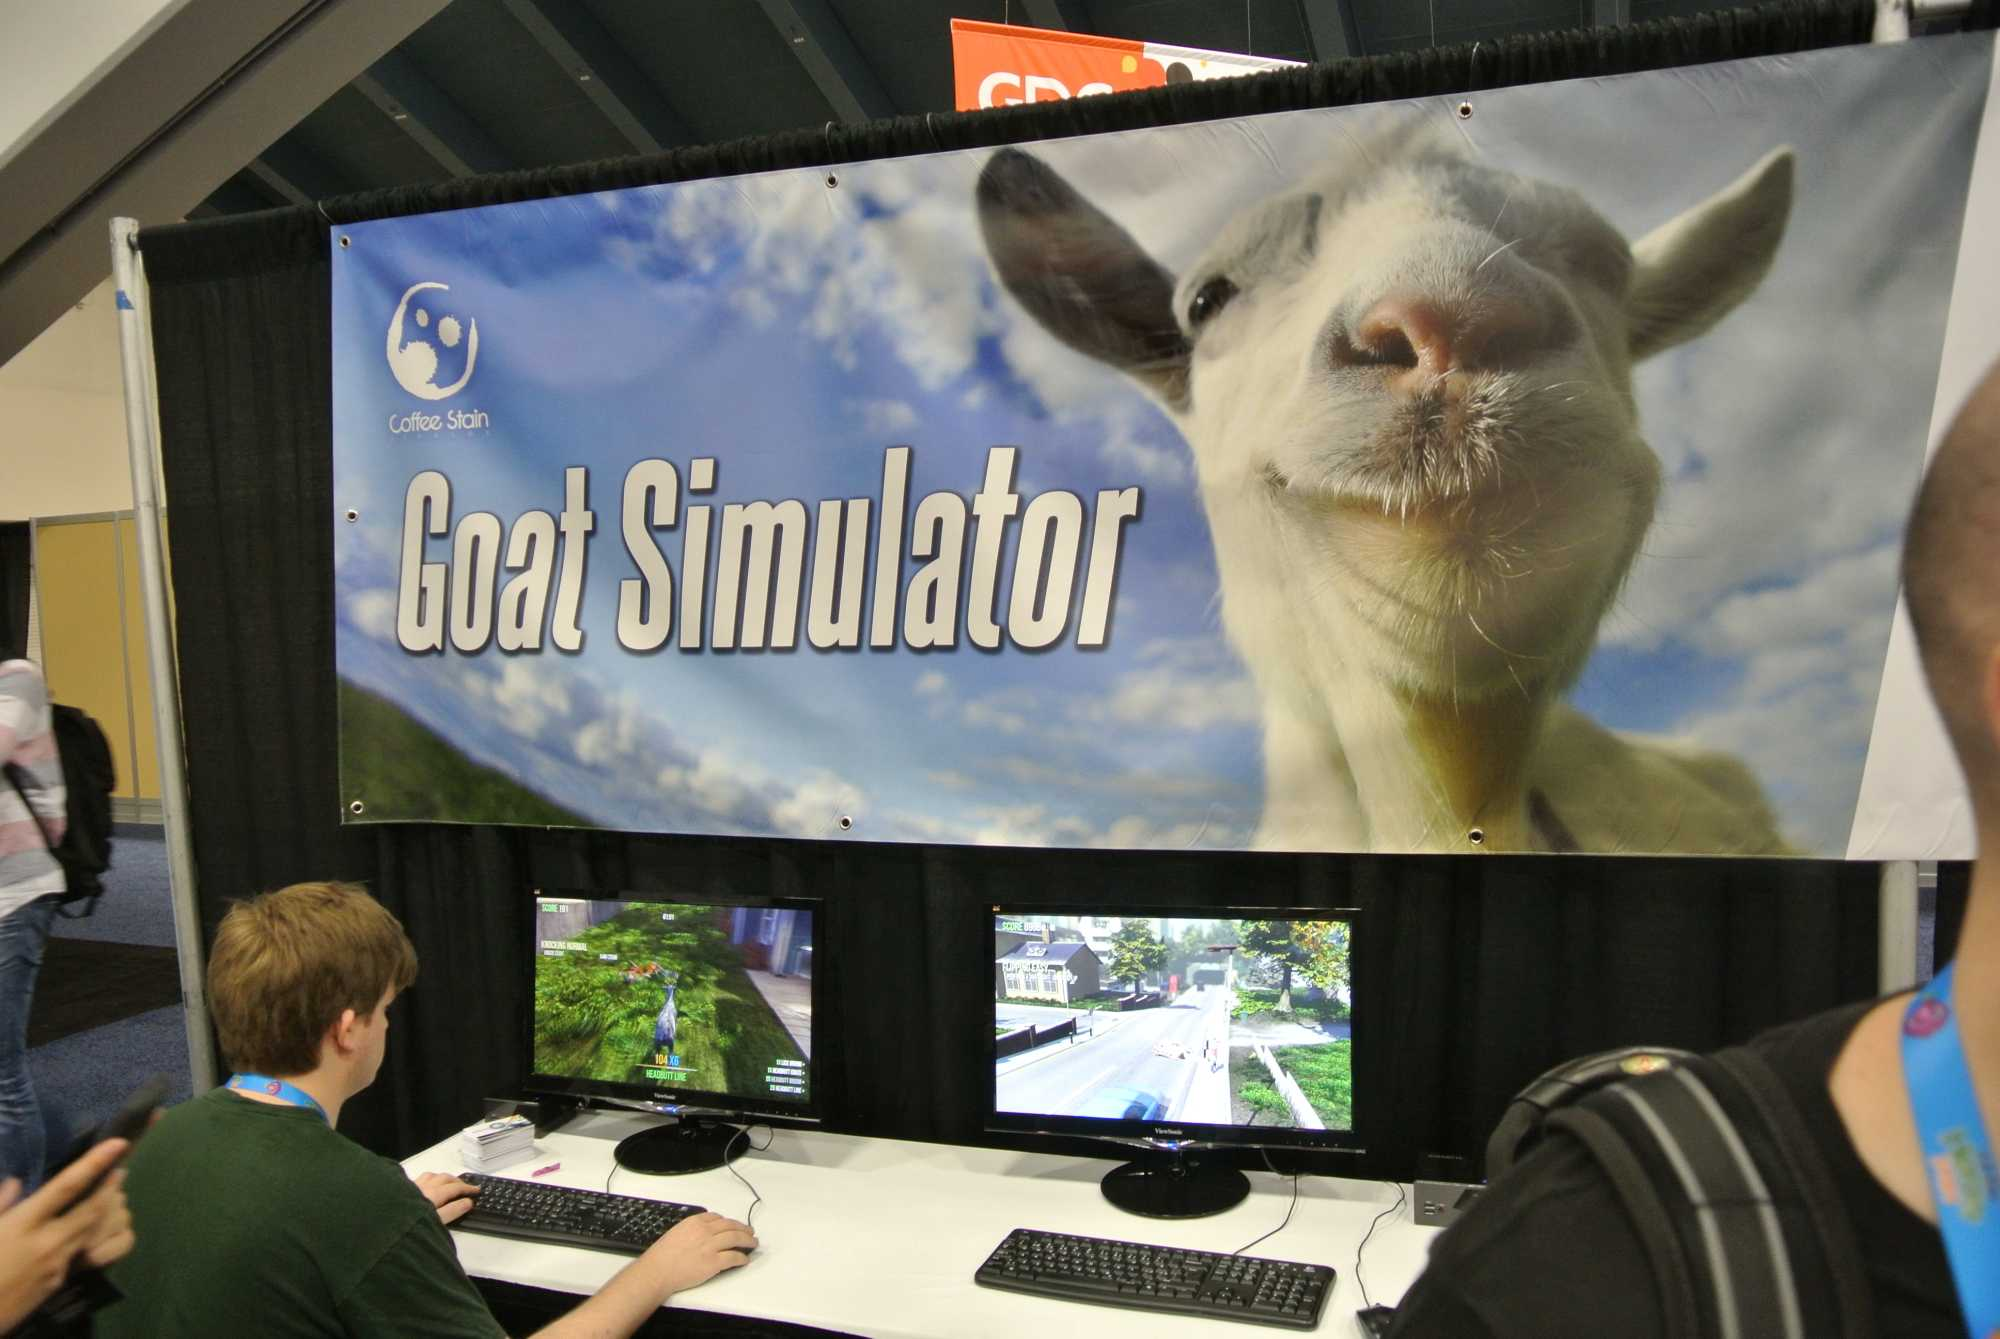 Auf der GDC überraschten die Schweden mit einem eigenen Stand, an dem man den Goat Simulator schon mal ausprobieren konnte.